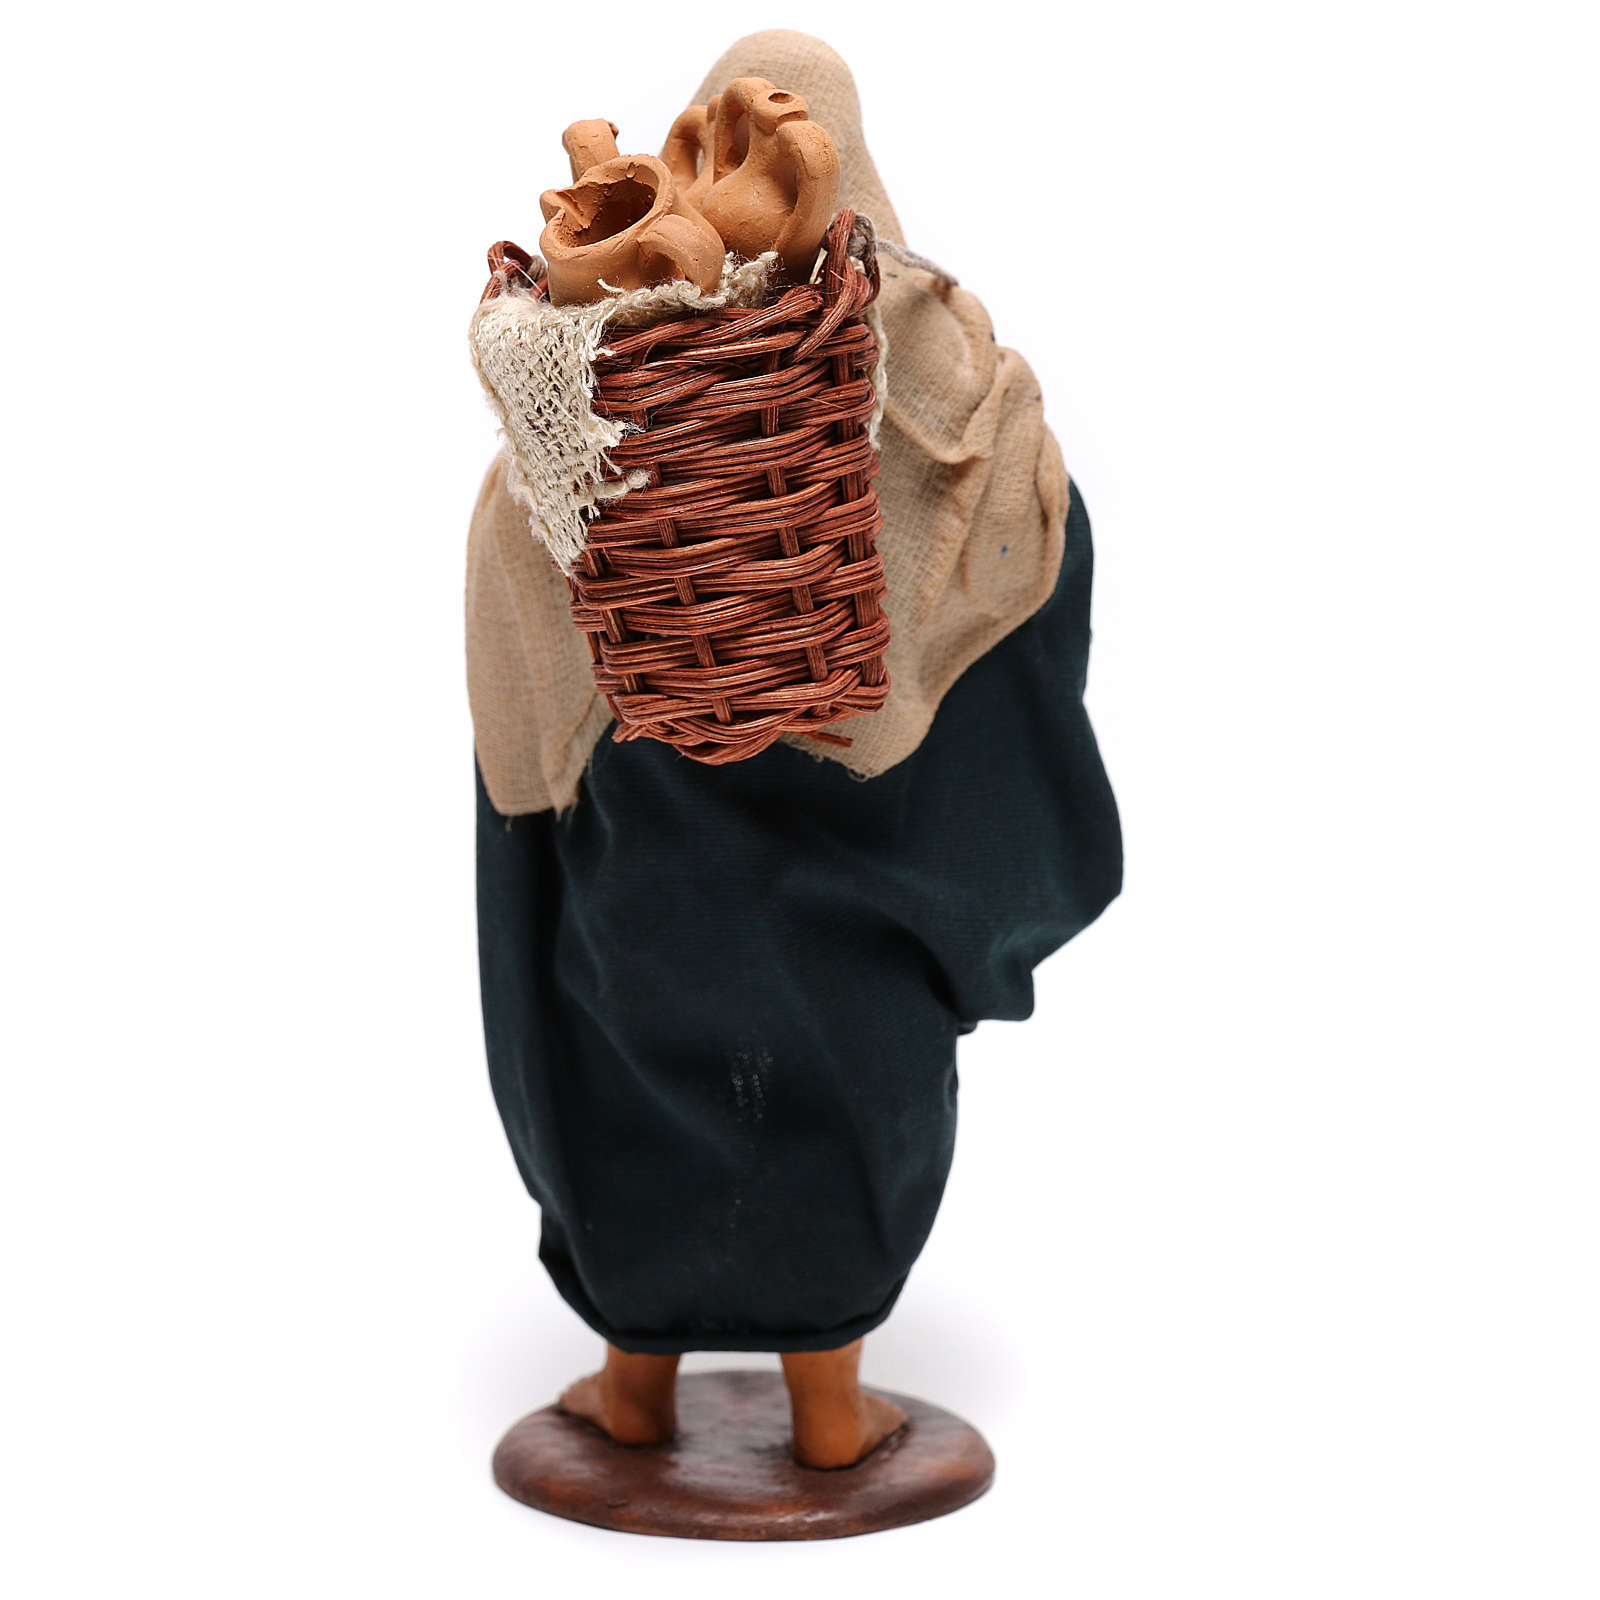 Portatore di anfore nei cesti presepe di Napoli 14 cm 4